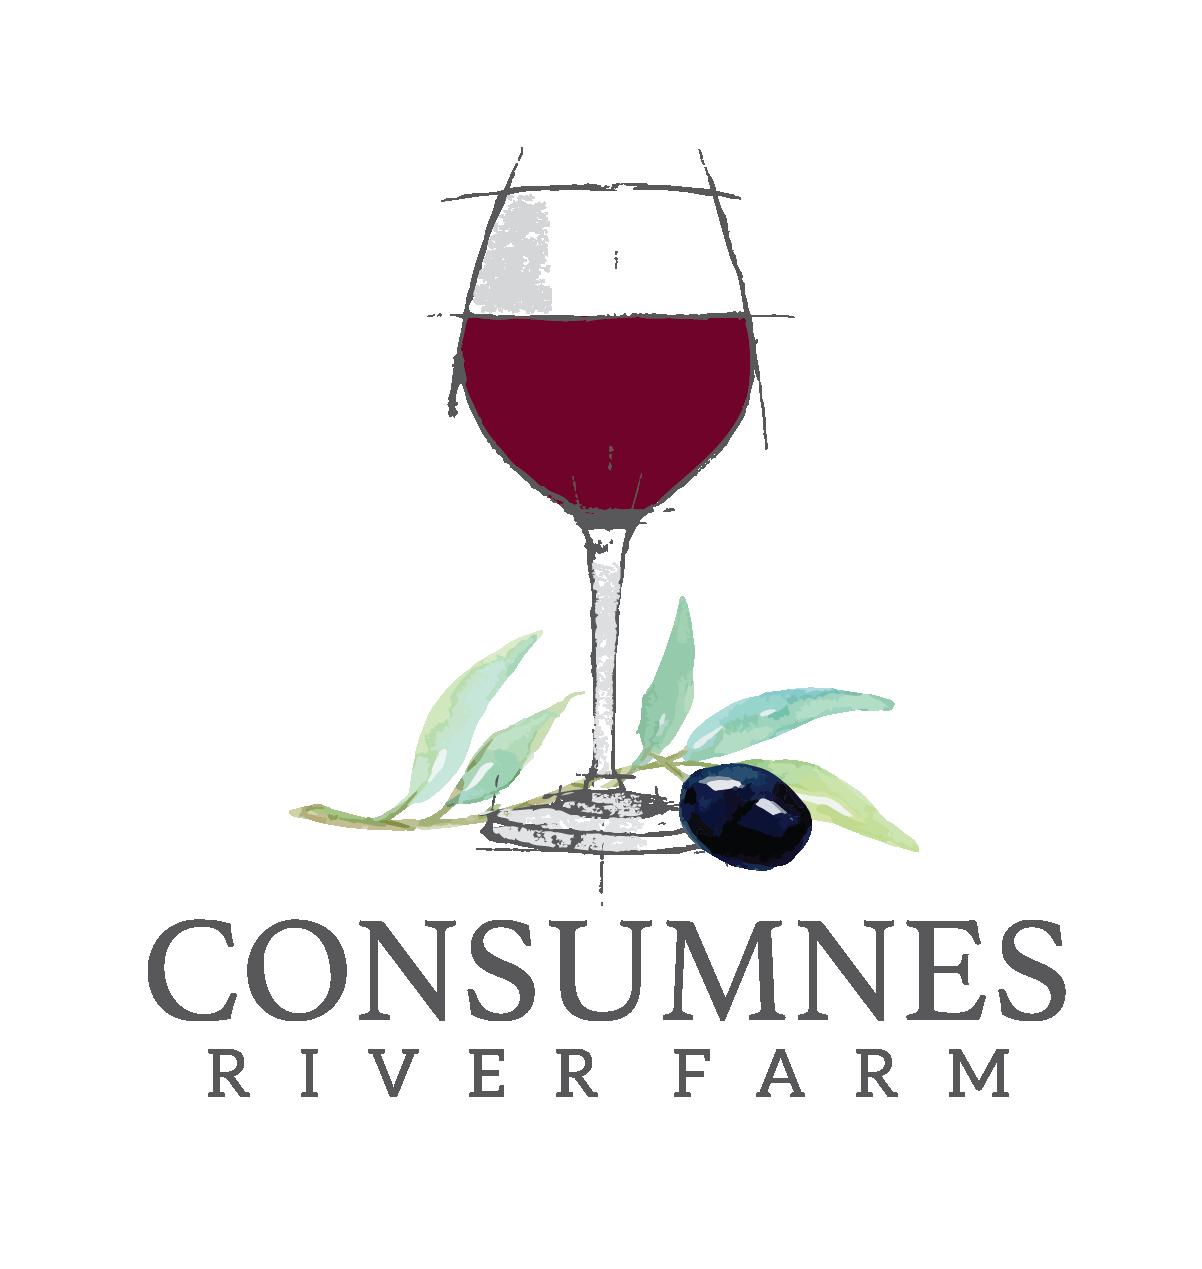 Consumnes River Farm logo